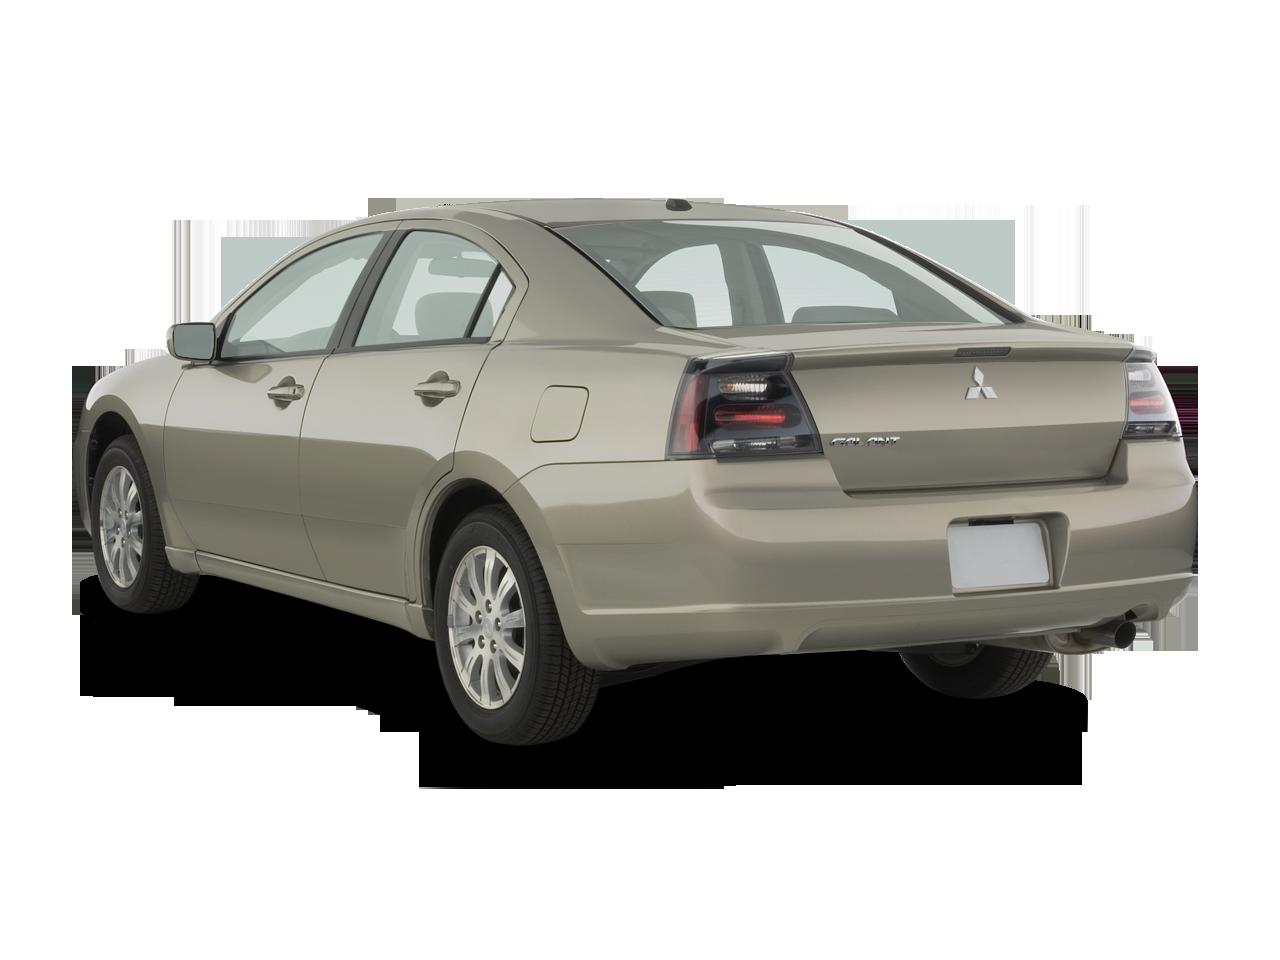 2007 Mitsubishi Galant Ralliart - Automobile Magazine